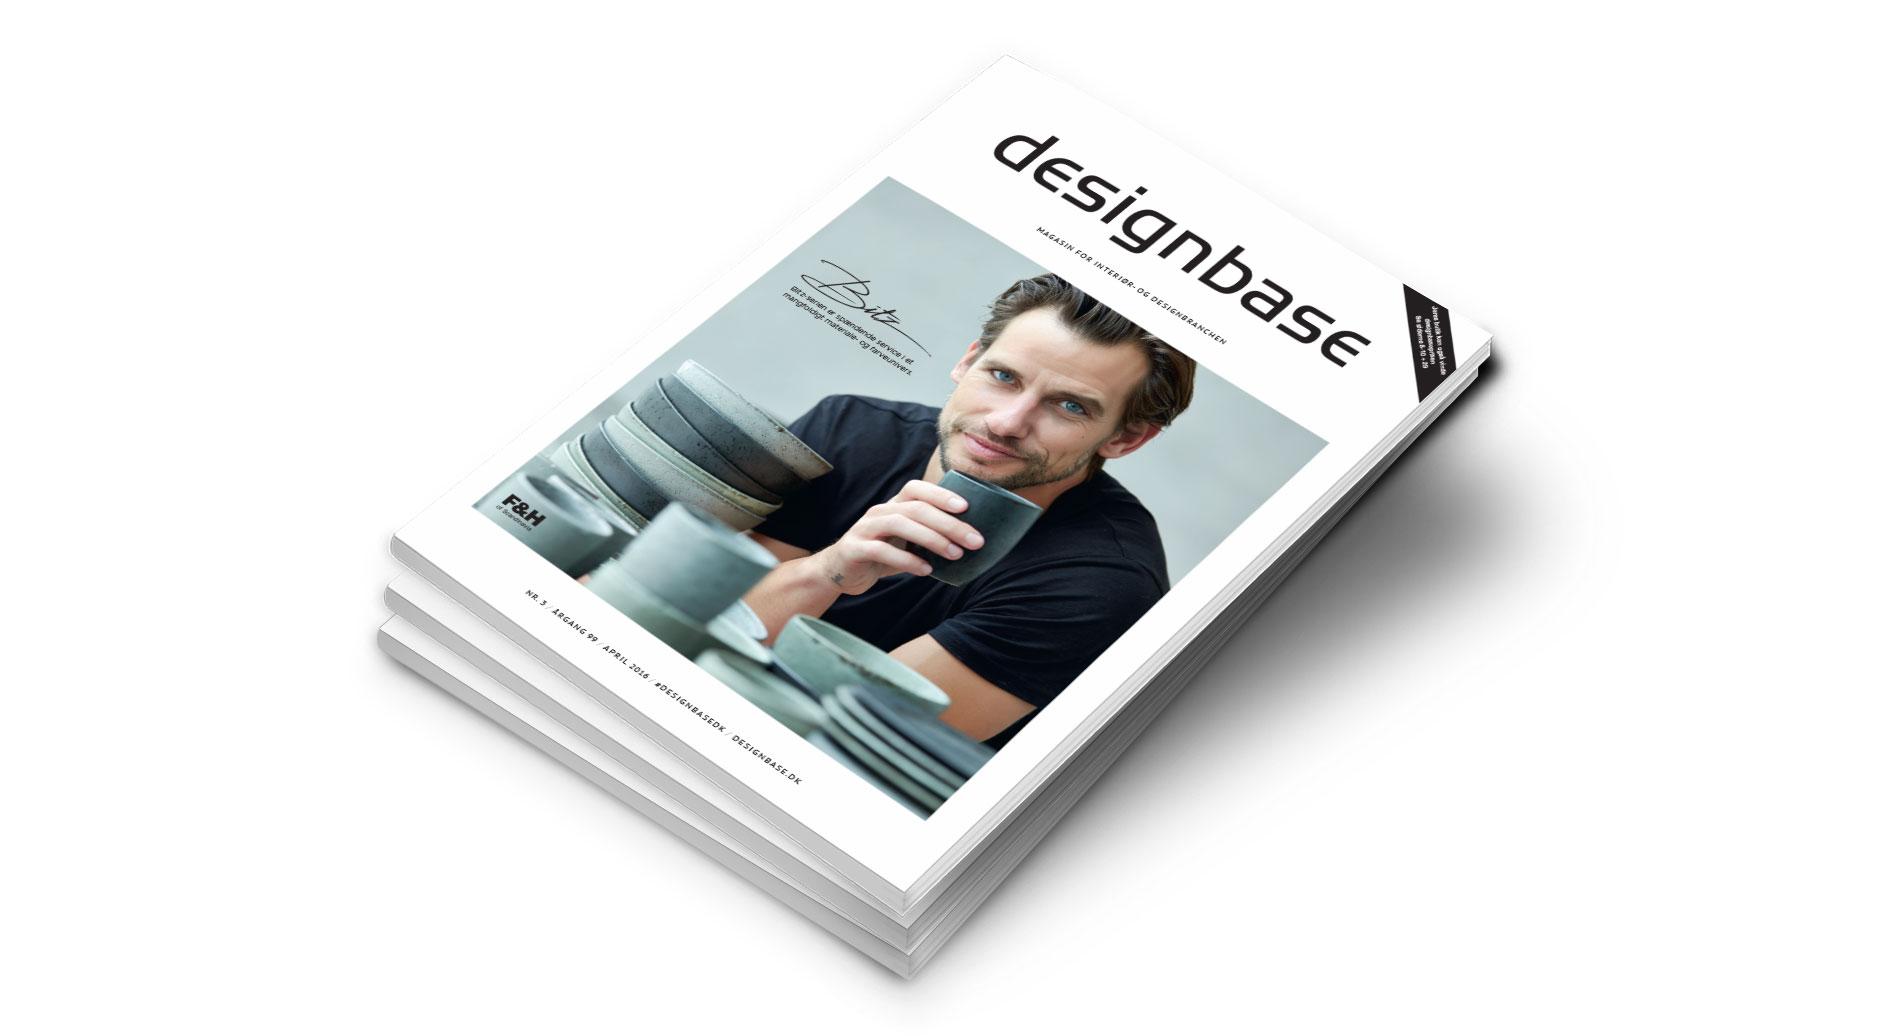 http://horisontgruppen.dk/wp-content/uploads/2016/05/DB_magasin.jpg